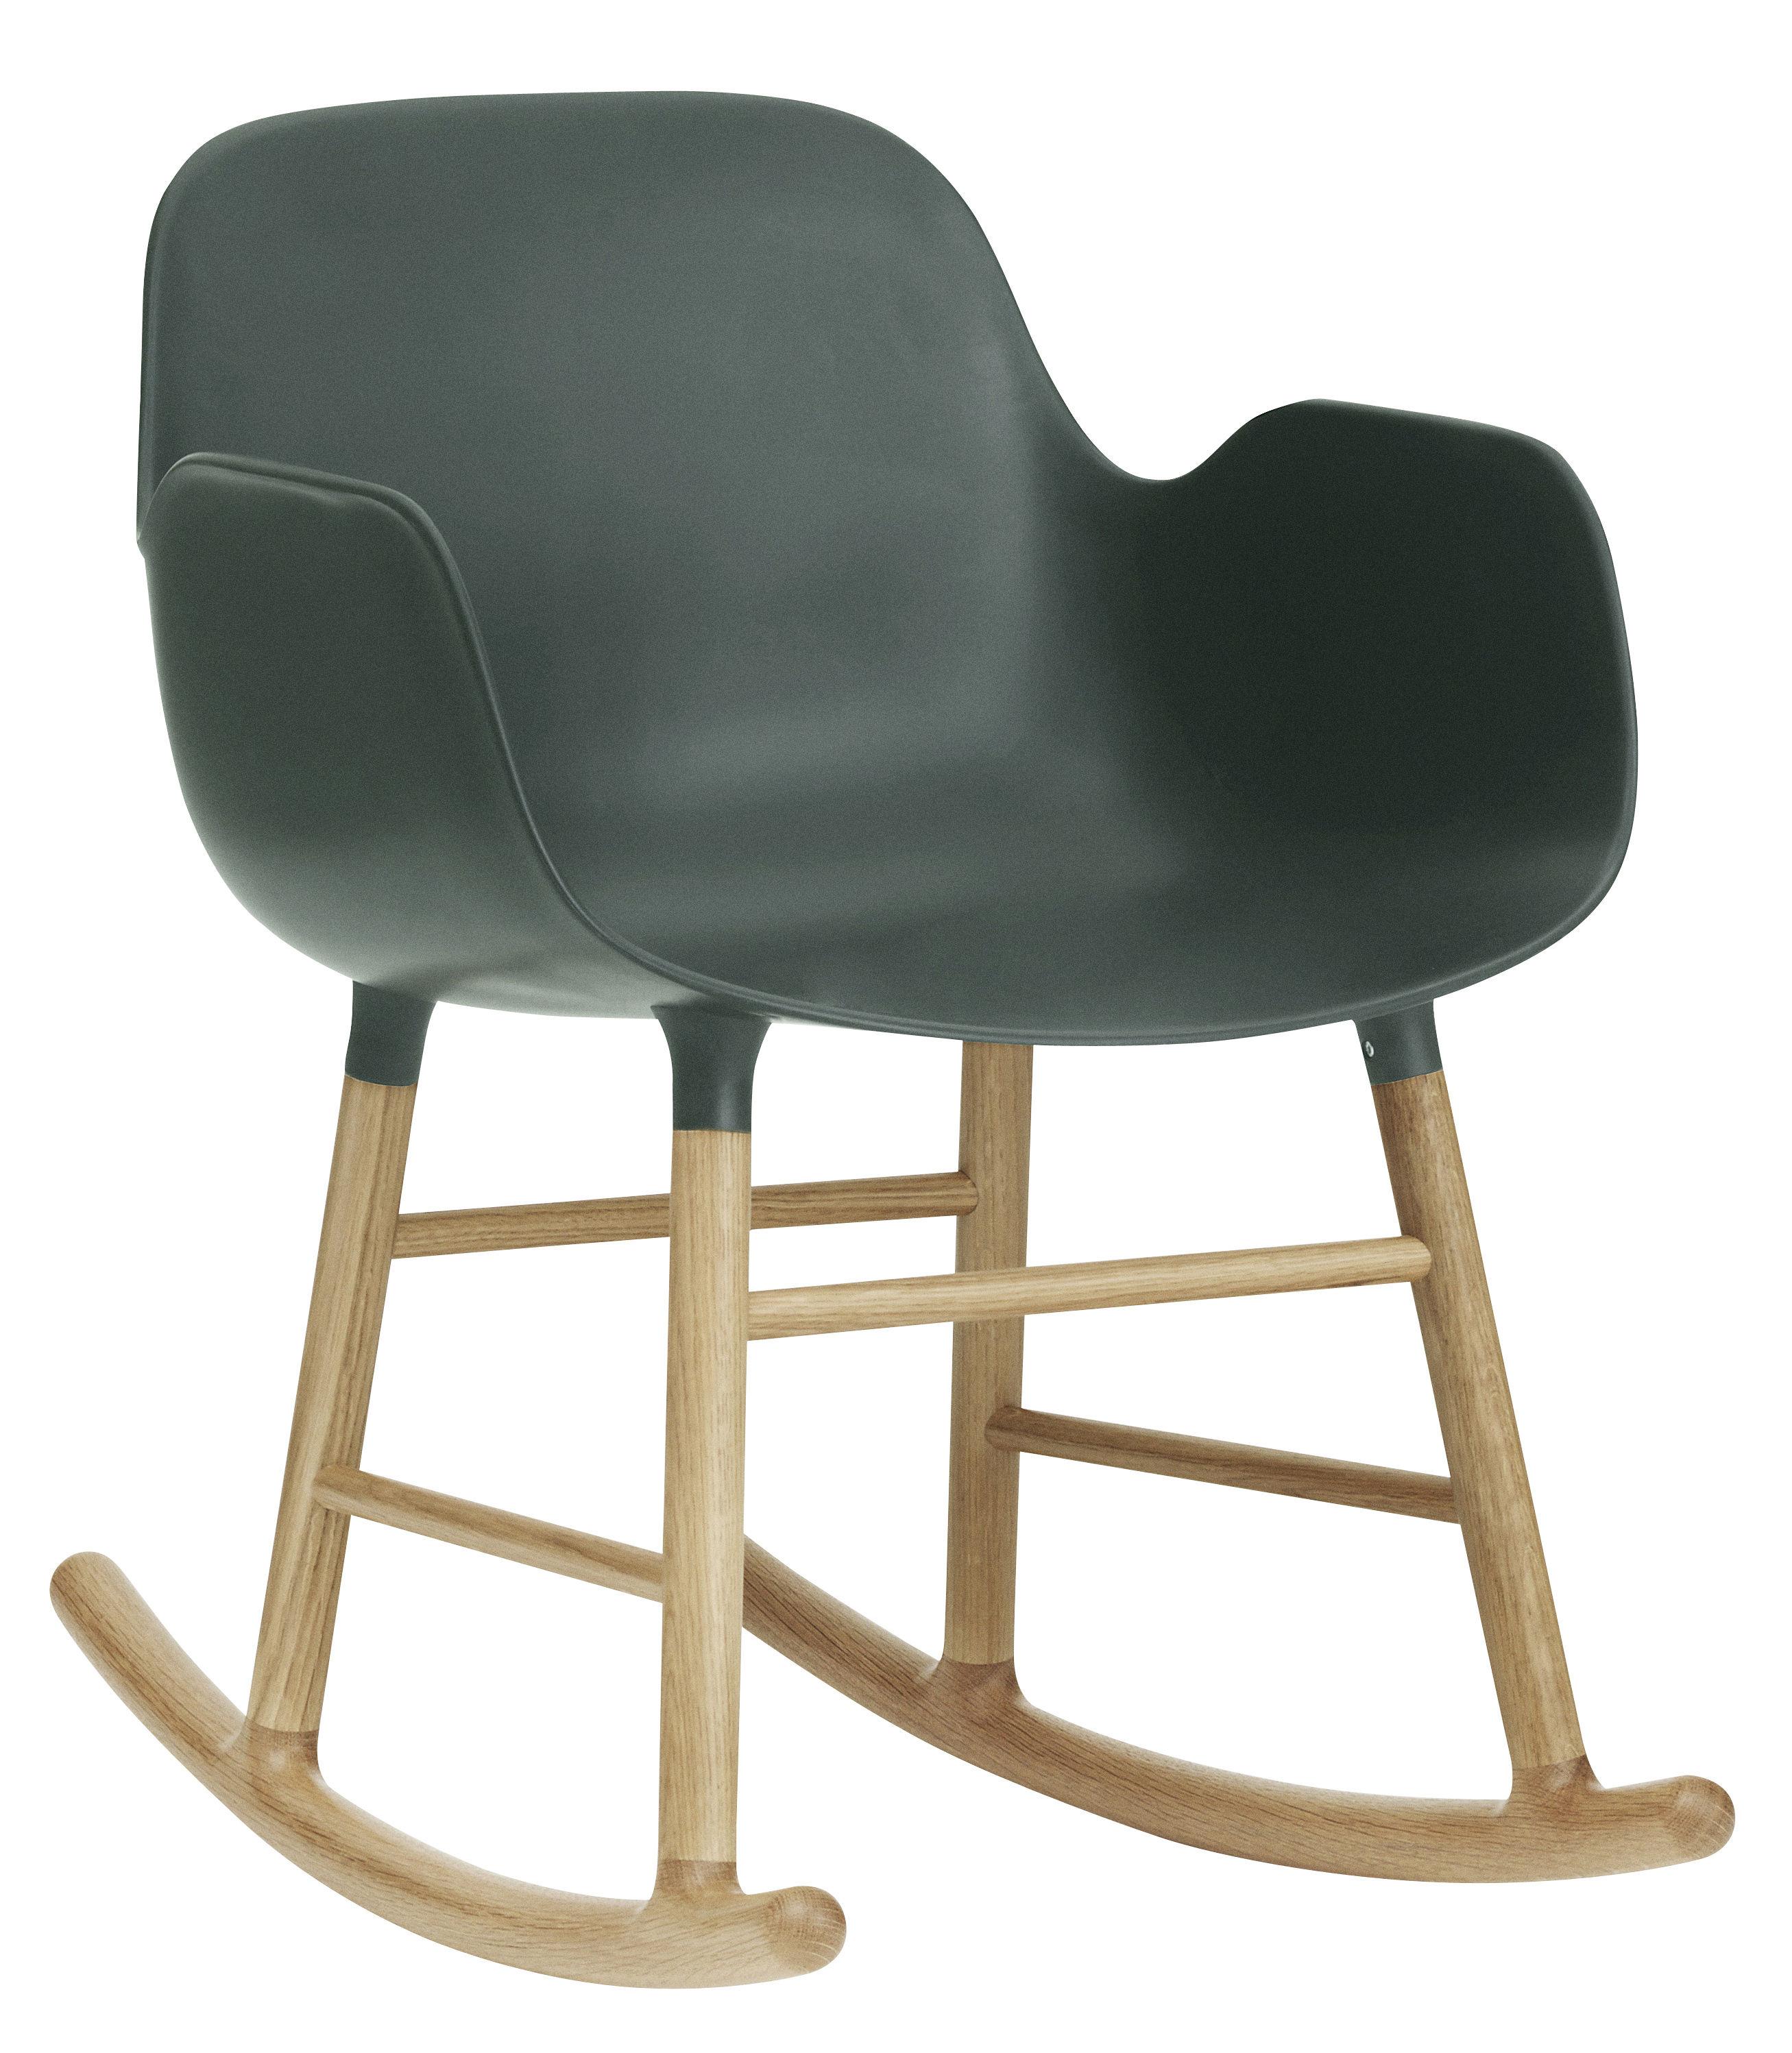 Mobilier - Fauteuils - Rocking chair Form - Normann Copenhagen - Vert foncé - Chêne, Plastique